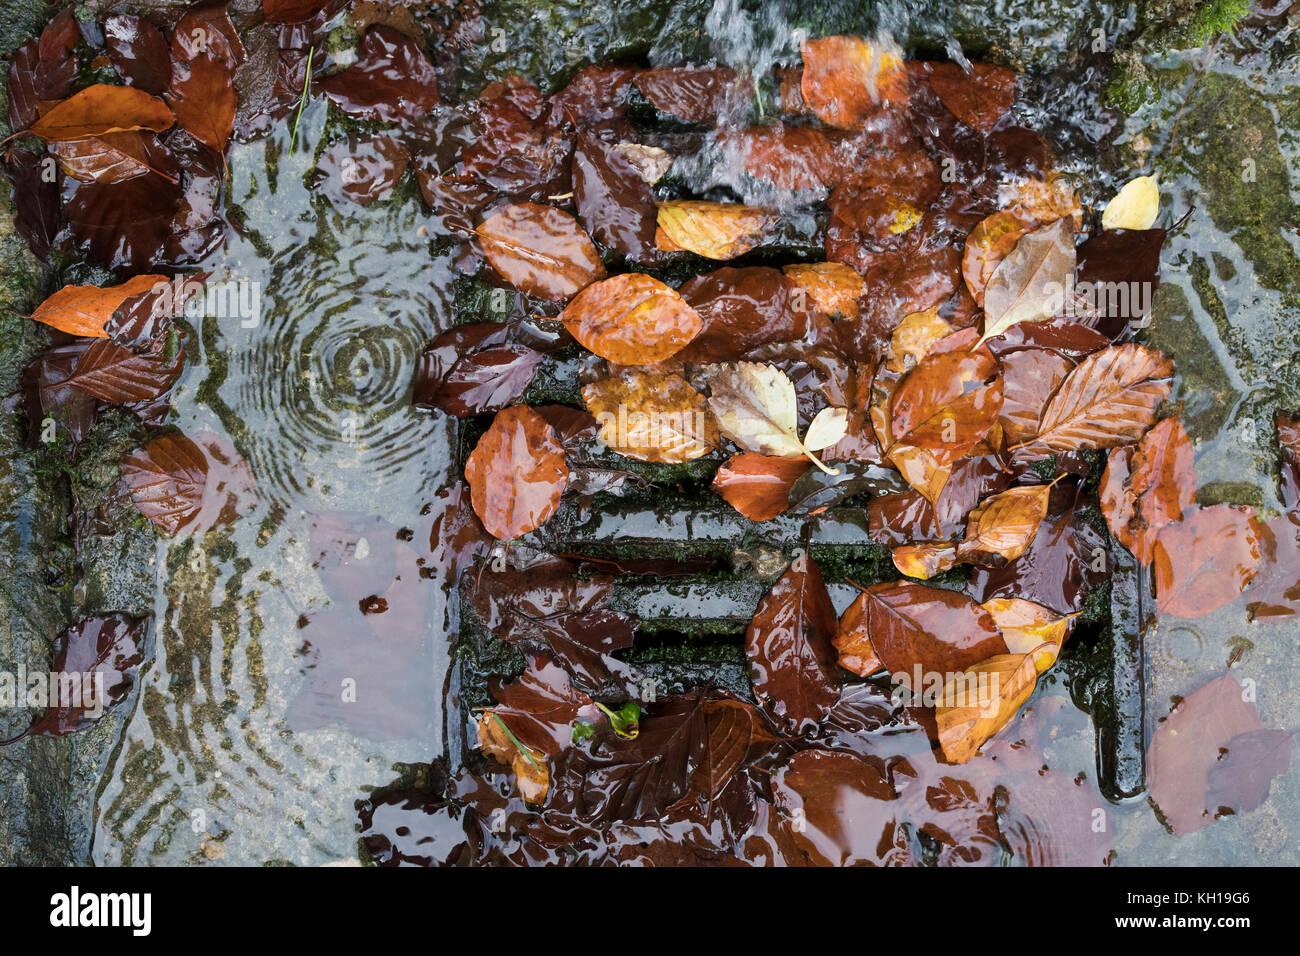 Otoño hojas de abedul plateado bloqueando una calle cubierta de drenaje. UK Imagen De Stock